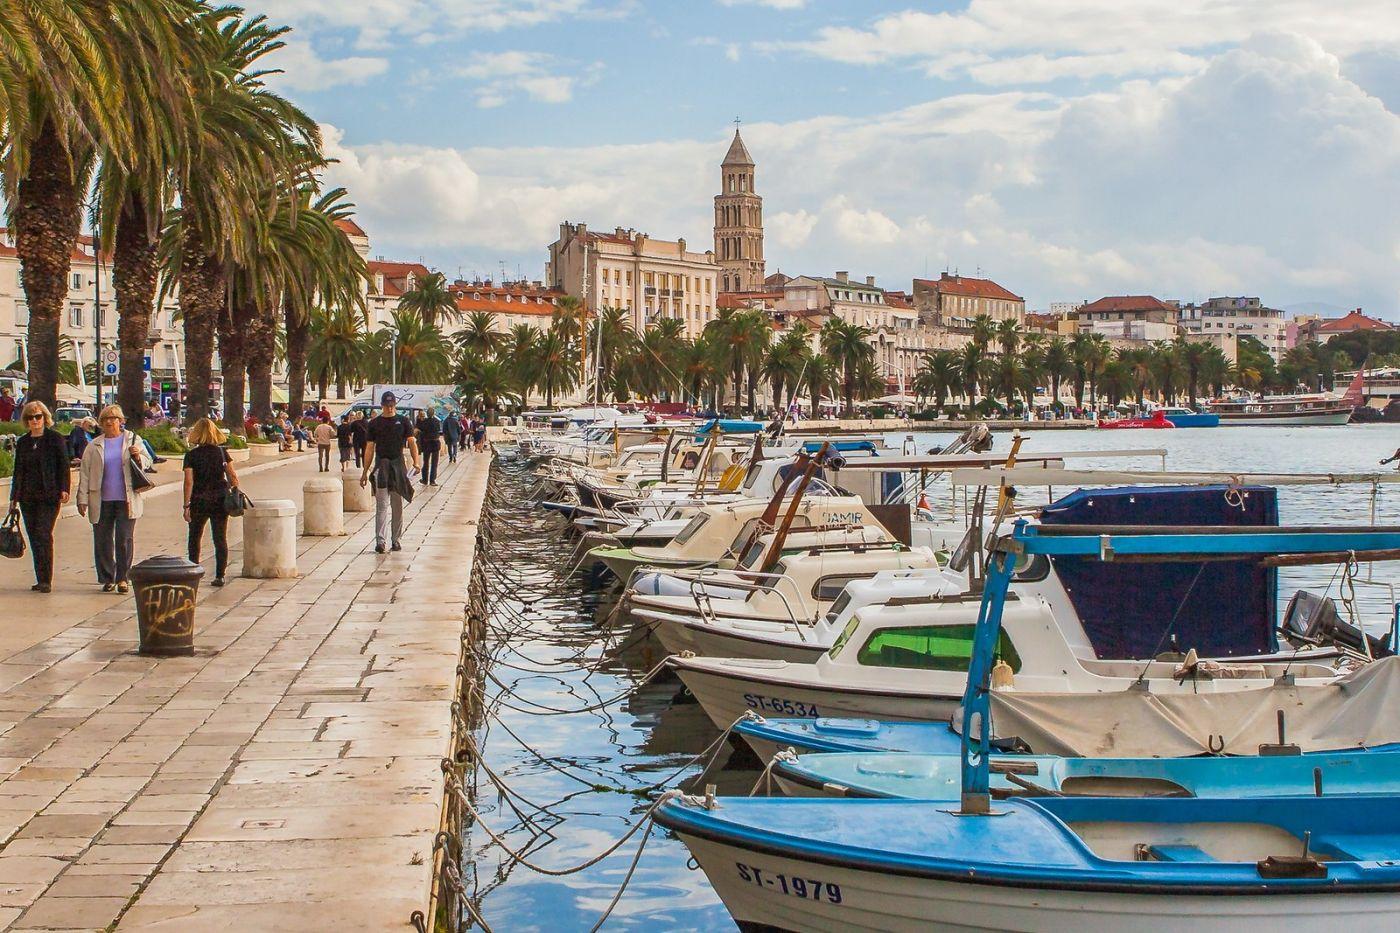 克罗地亚斯普利特(Split),美丽海滨城市_图1-14